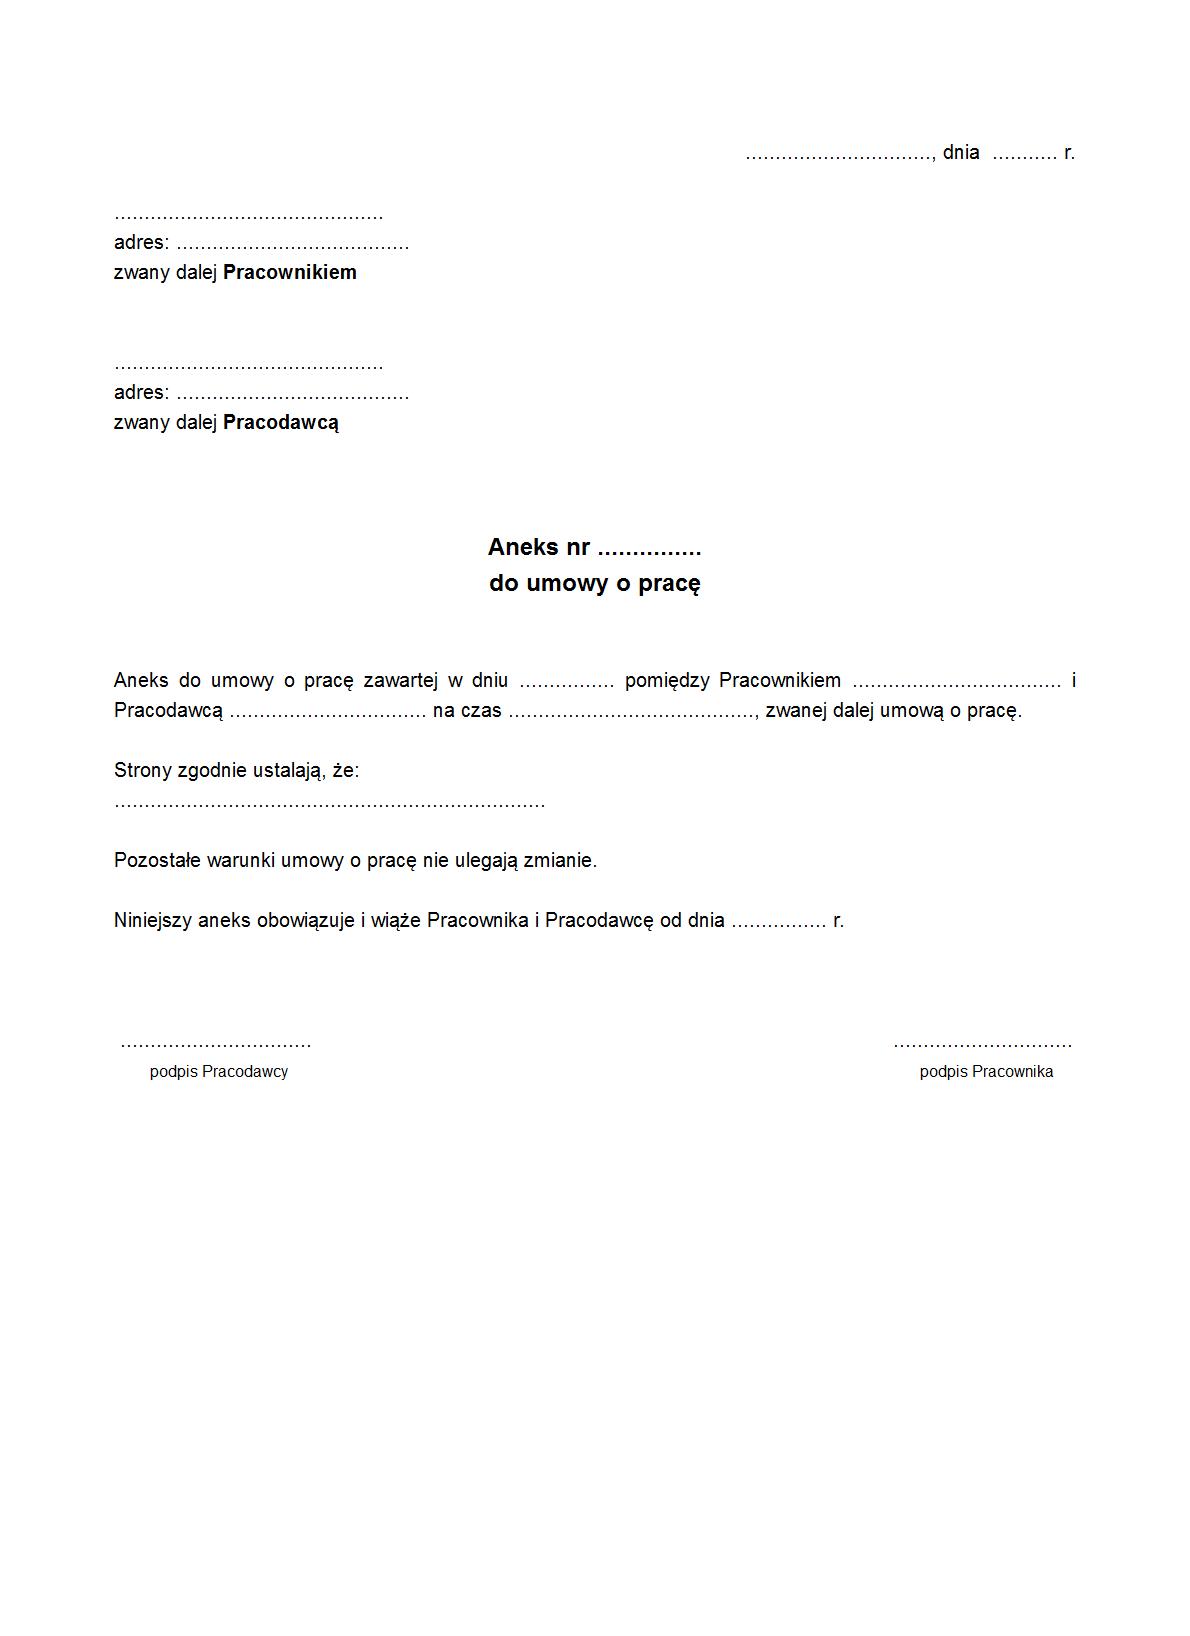 UoP-A Aneks do umowy o pracę